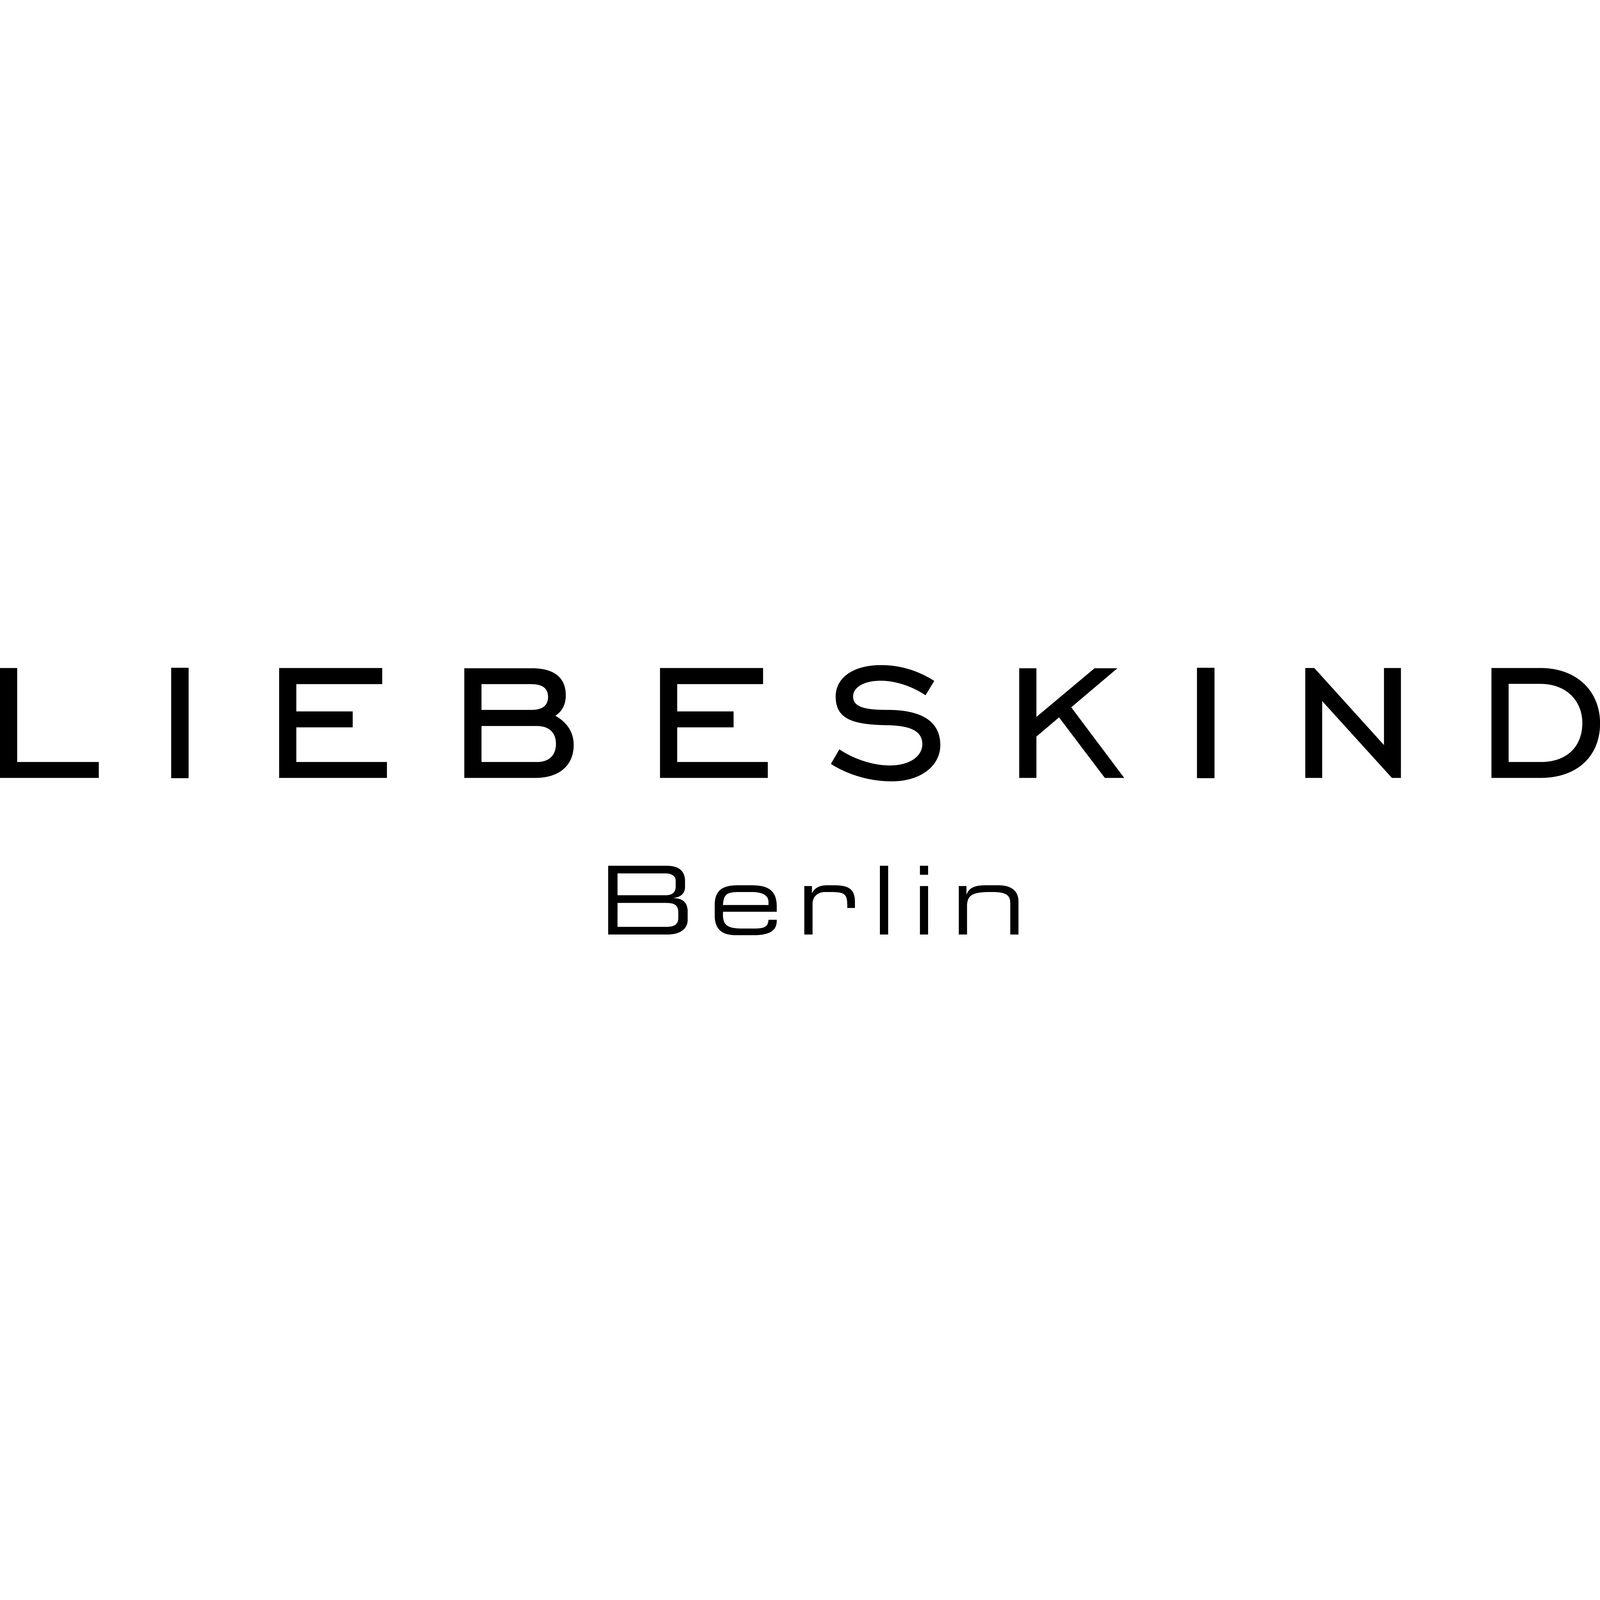 LIEBESKIND Berlin (Bild 1)